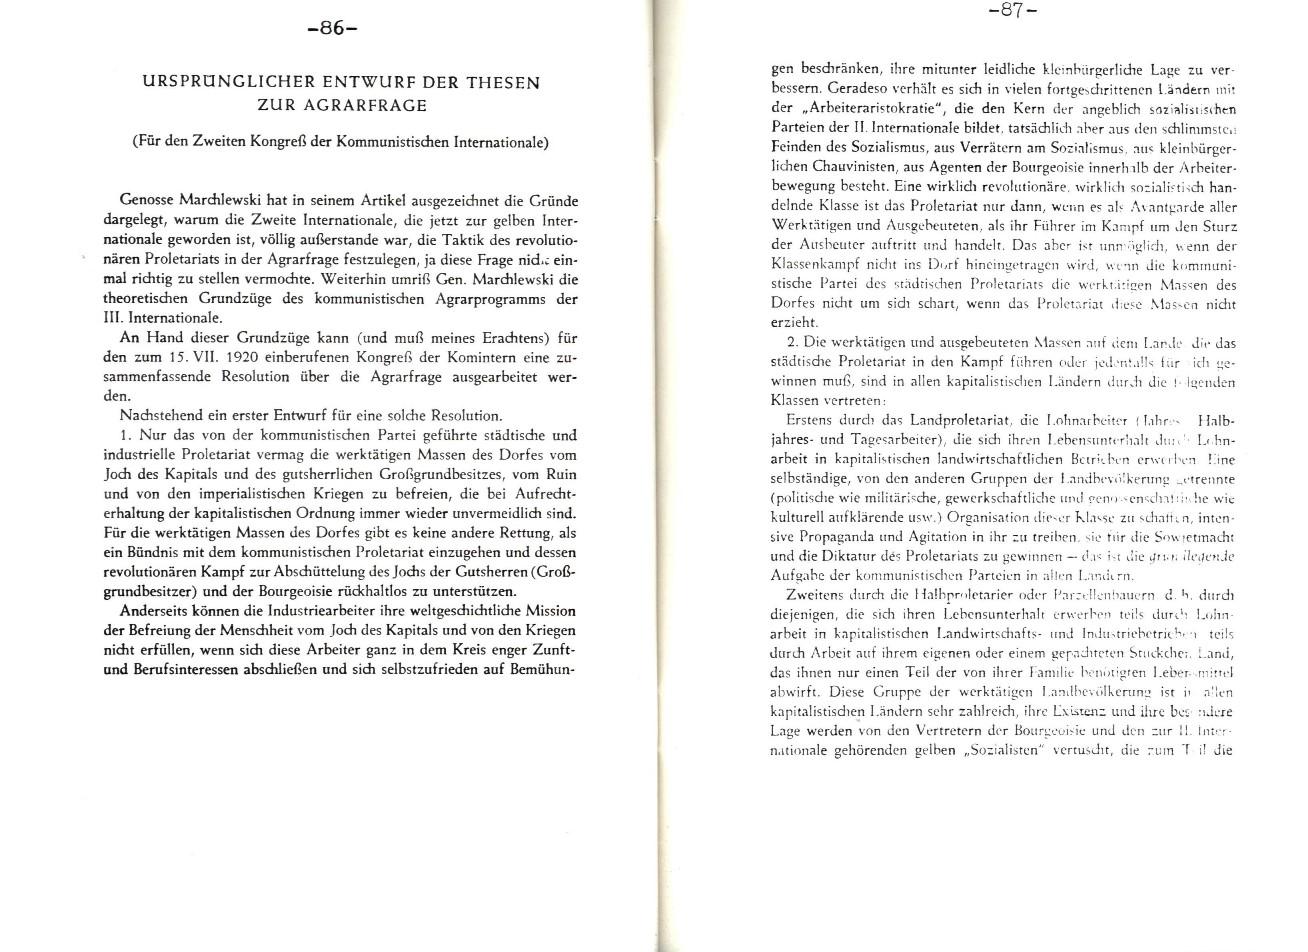 MLSK_Theorie_und_Praxis_des_ML_1978_23_47